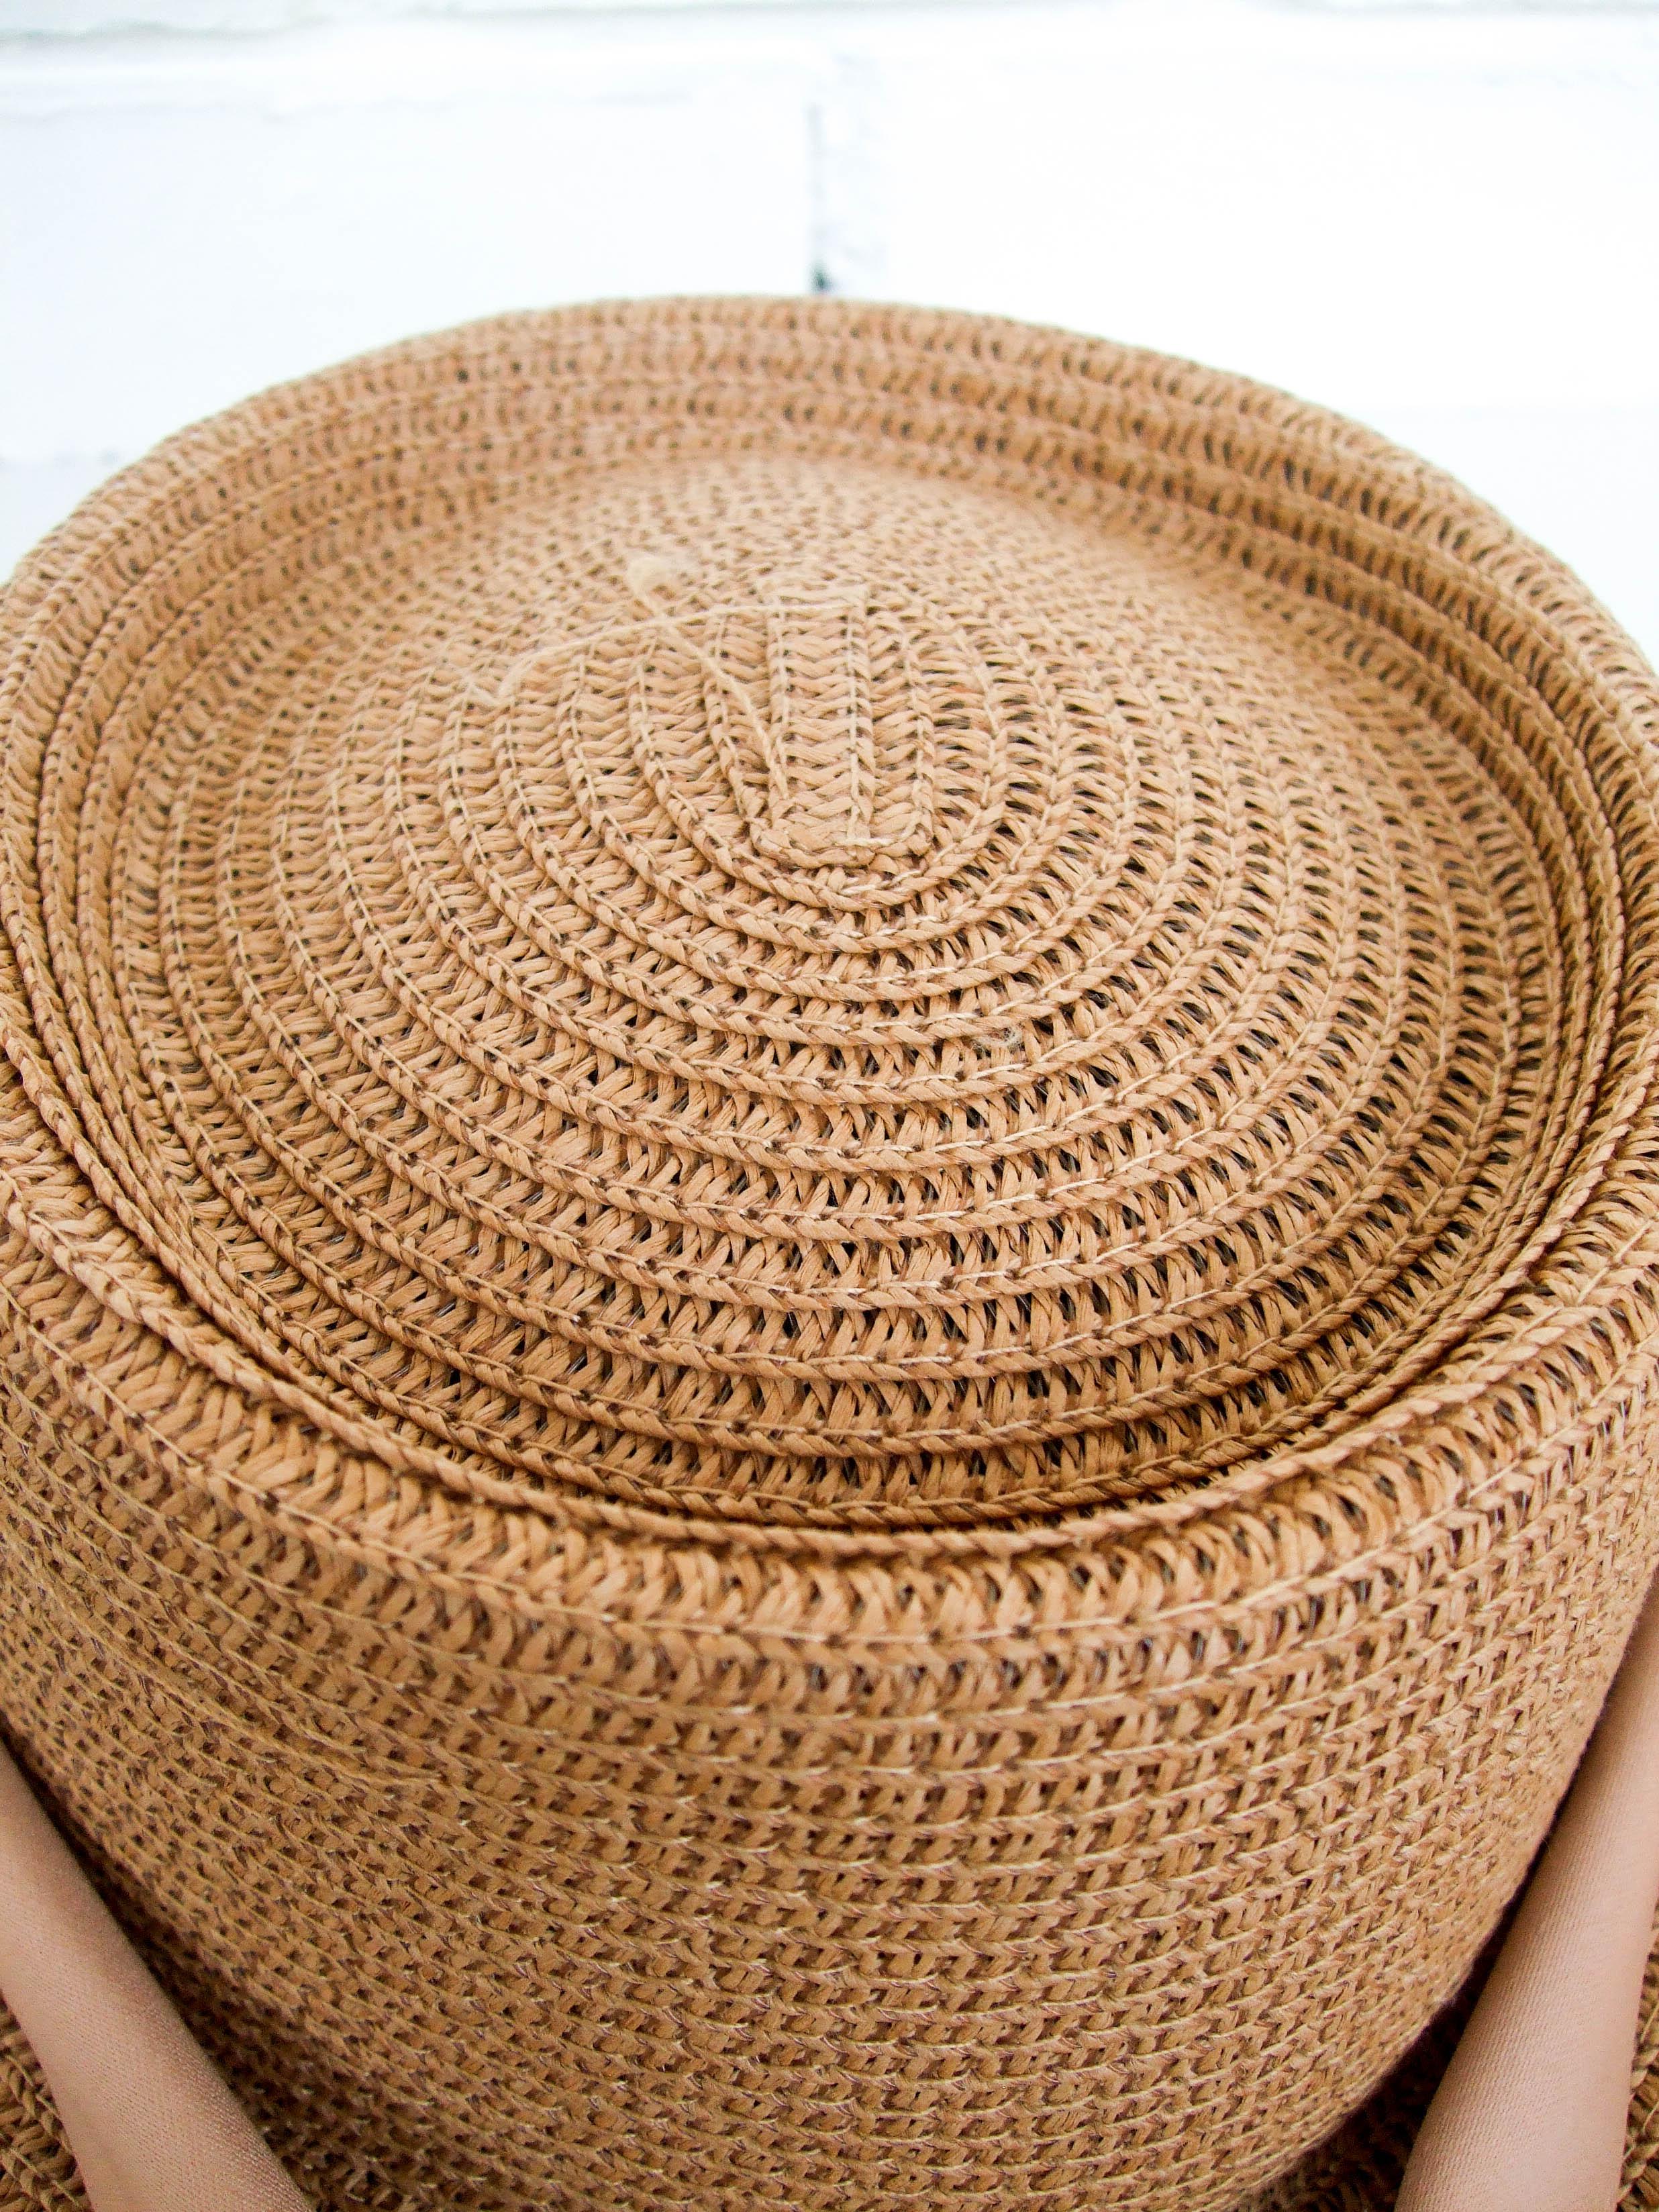 Шляпка с люверсами, которая очень понравилась